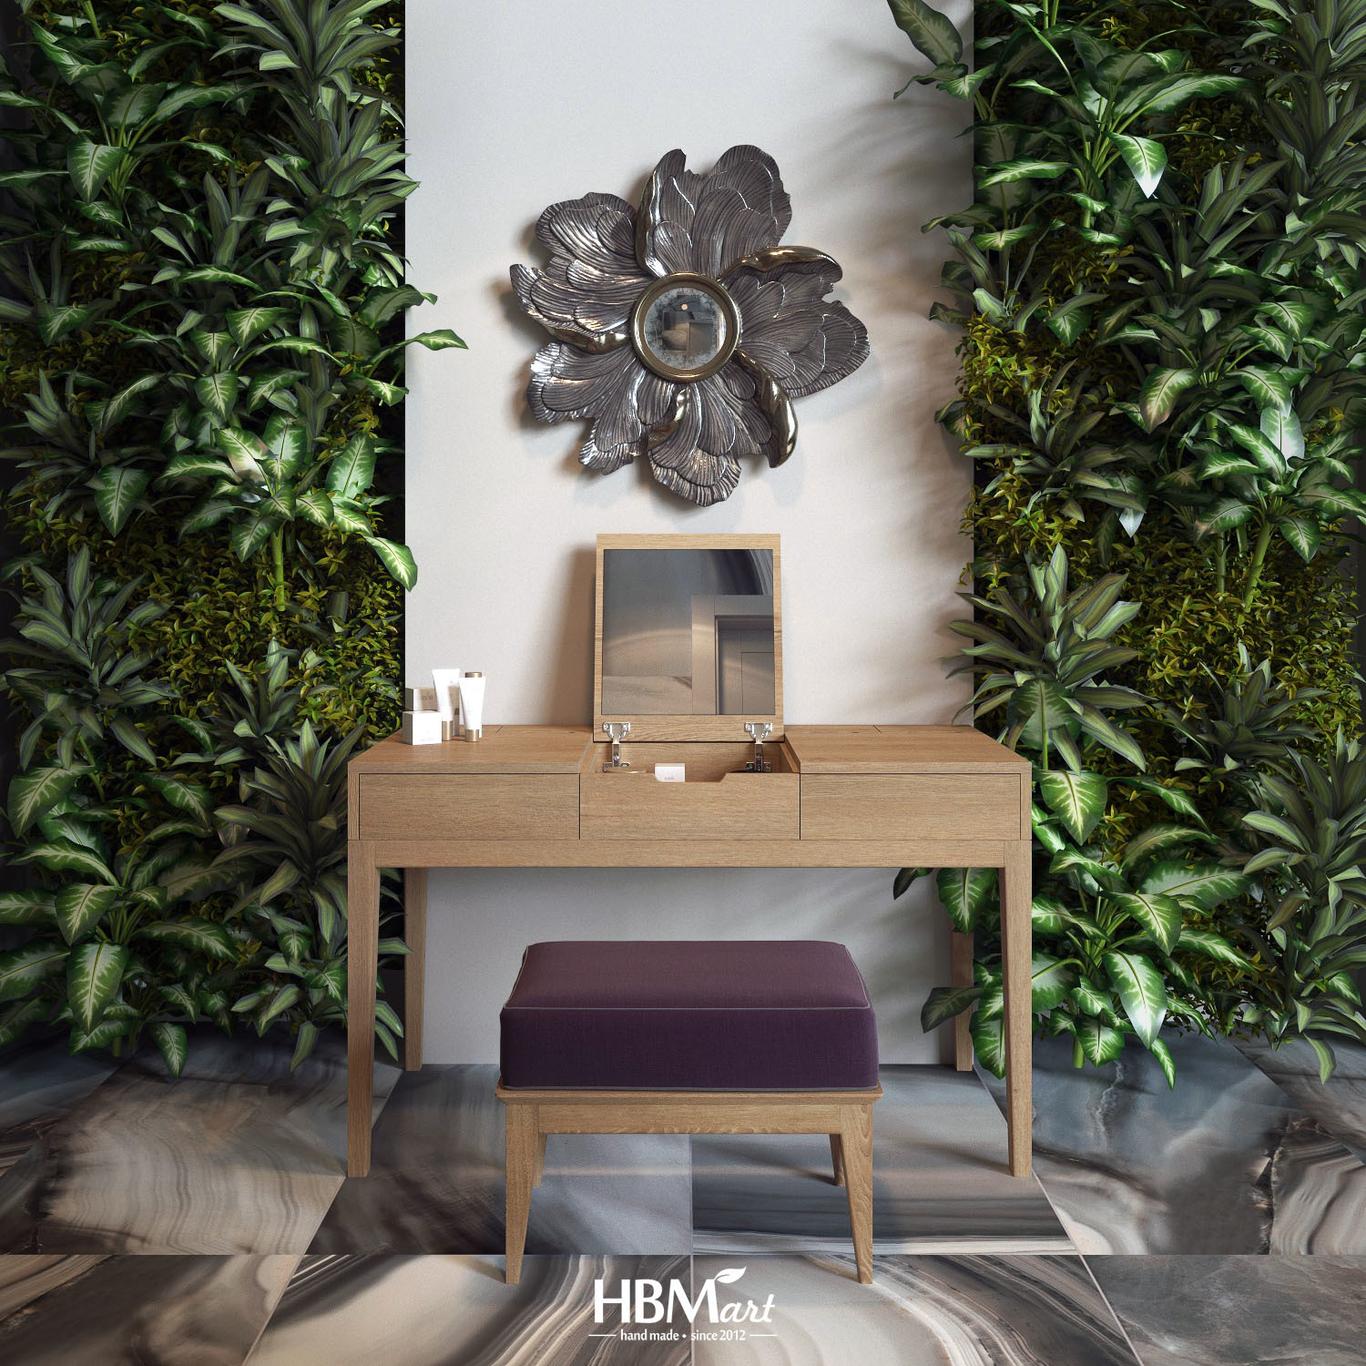 Alexkuzmin hbmart furniture 1 4a455000 yxzv